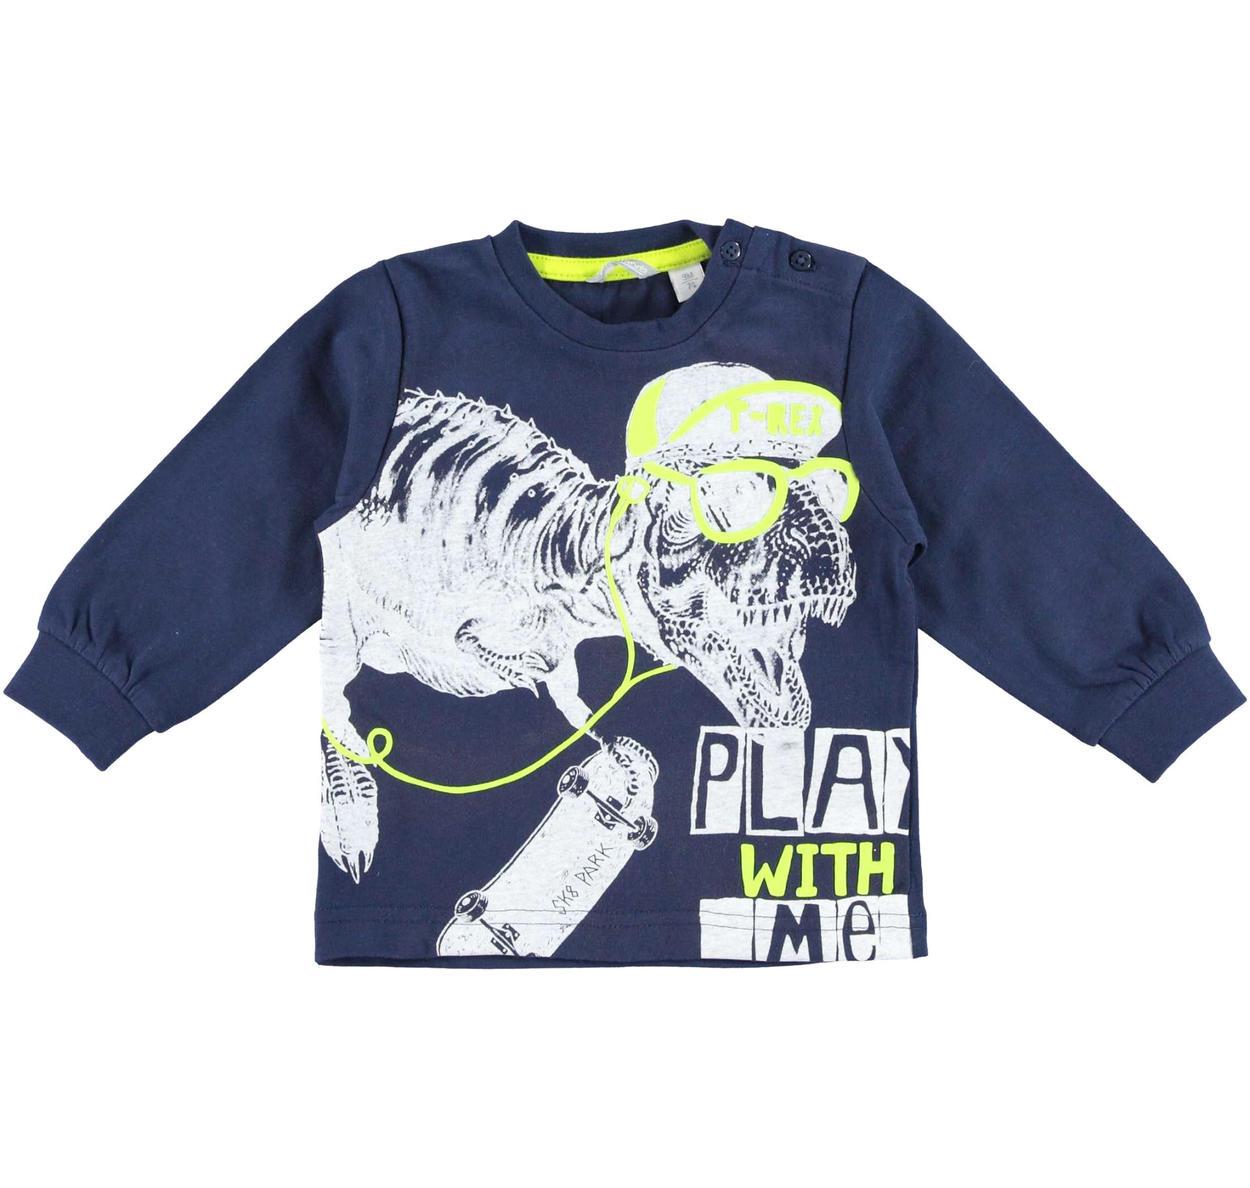 b9b4756715 Maglietta girocollo con simpatico T-Rex per bambino da 6 mesi a 7 anni  Sarabanda